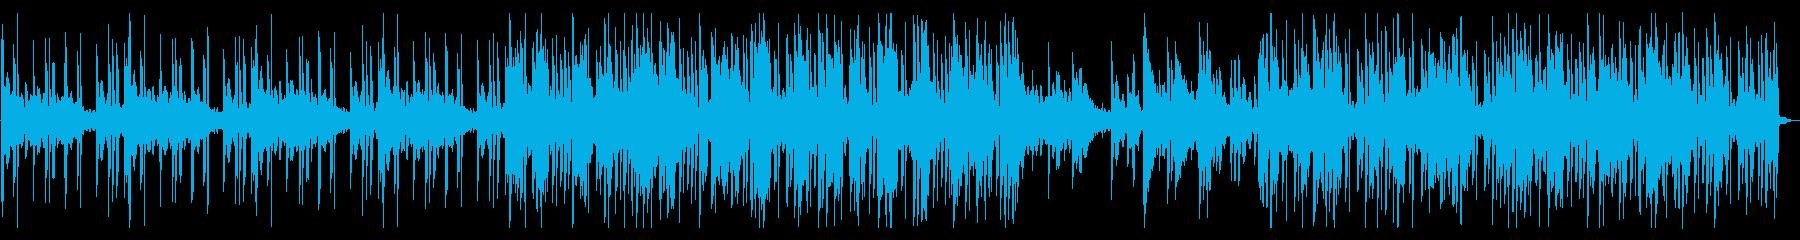 穏やかで優しいR&B_No520の再生済みの波形